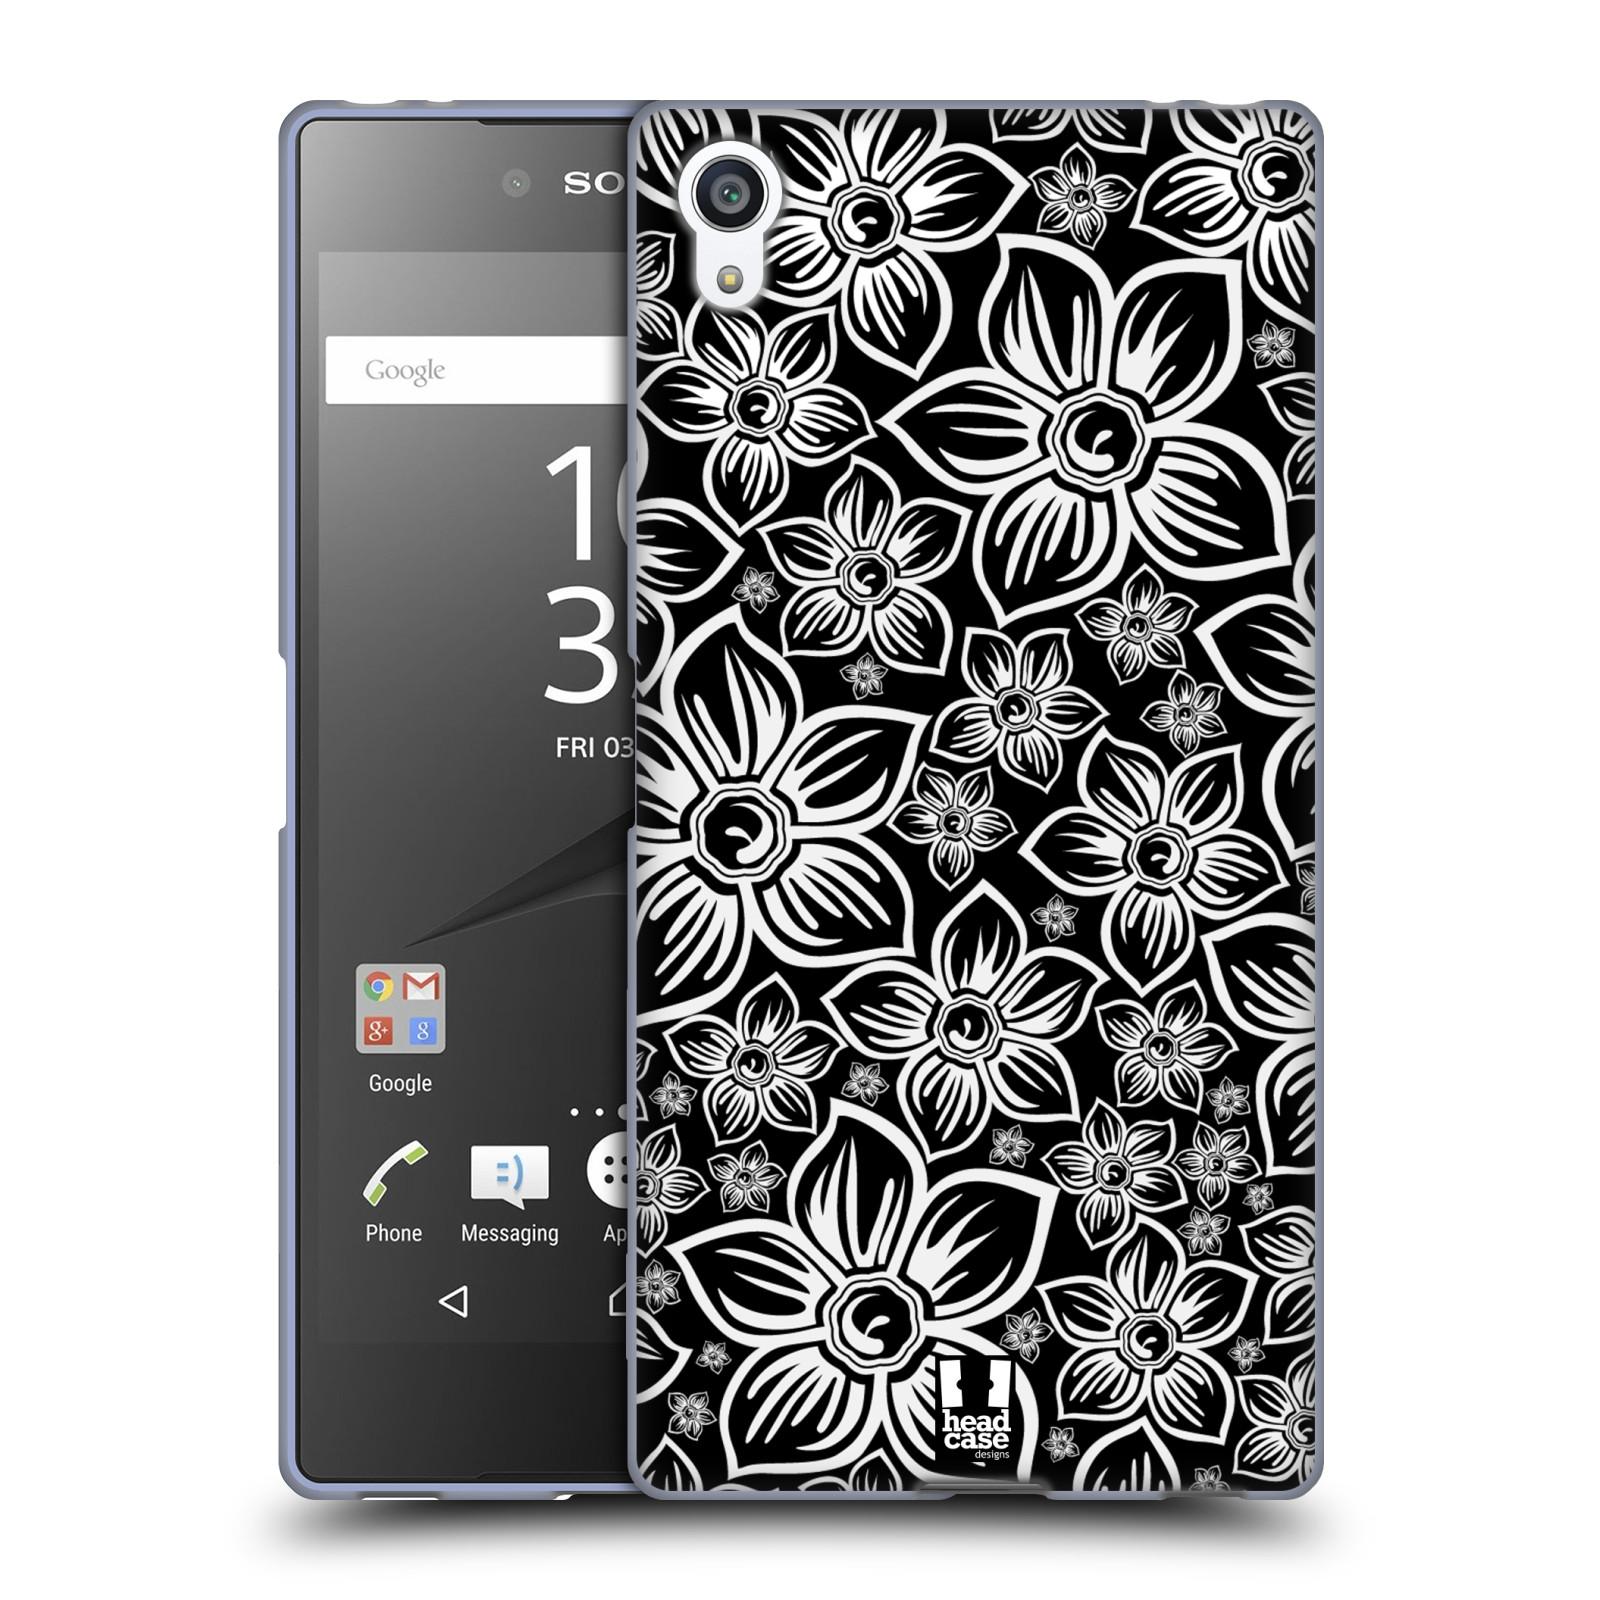 Silikonové pouzdro na mobil Sony Xperia Z5 Premium HEAD CASE FLORAL DAISY